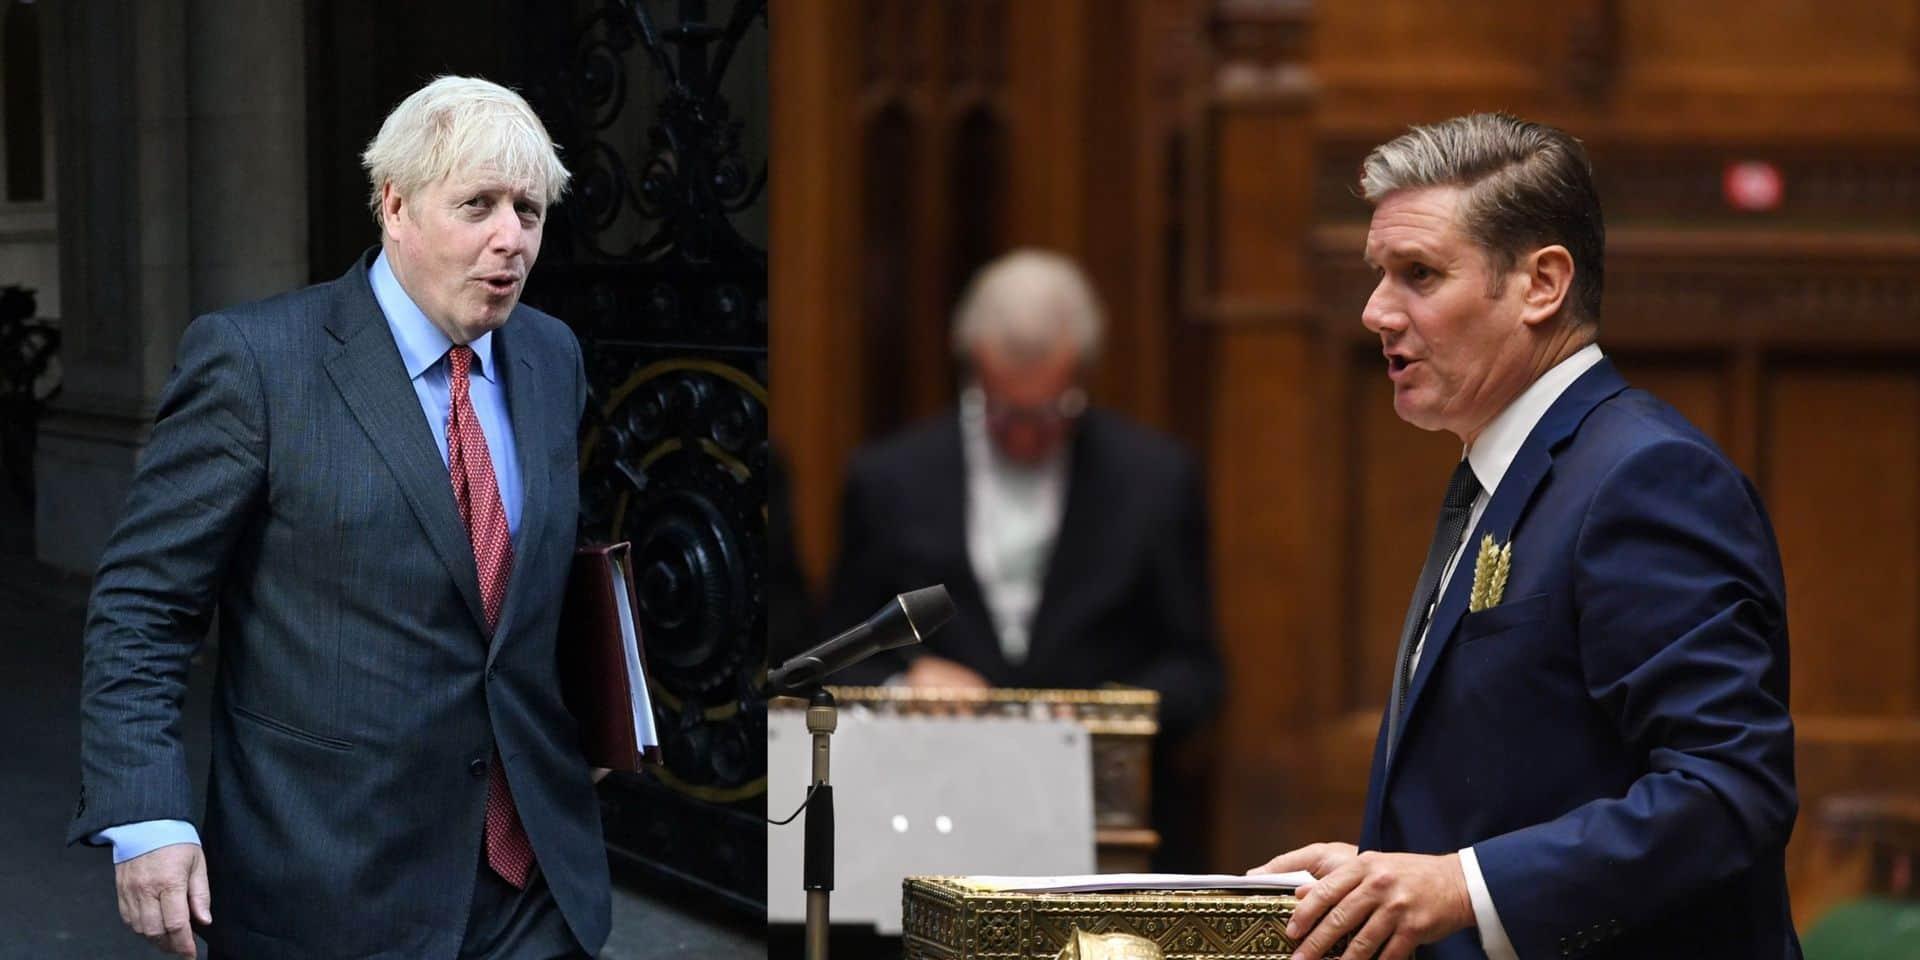 """Le leader de l'opposition travailliste britannique étrille """"l'incompétence"""" de Boris Johnson : """"Il n'est simplement pas à la hauteur du job"""""""